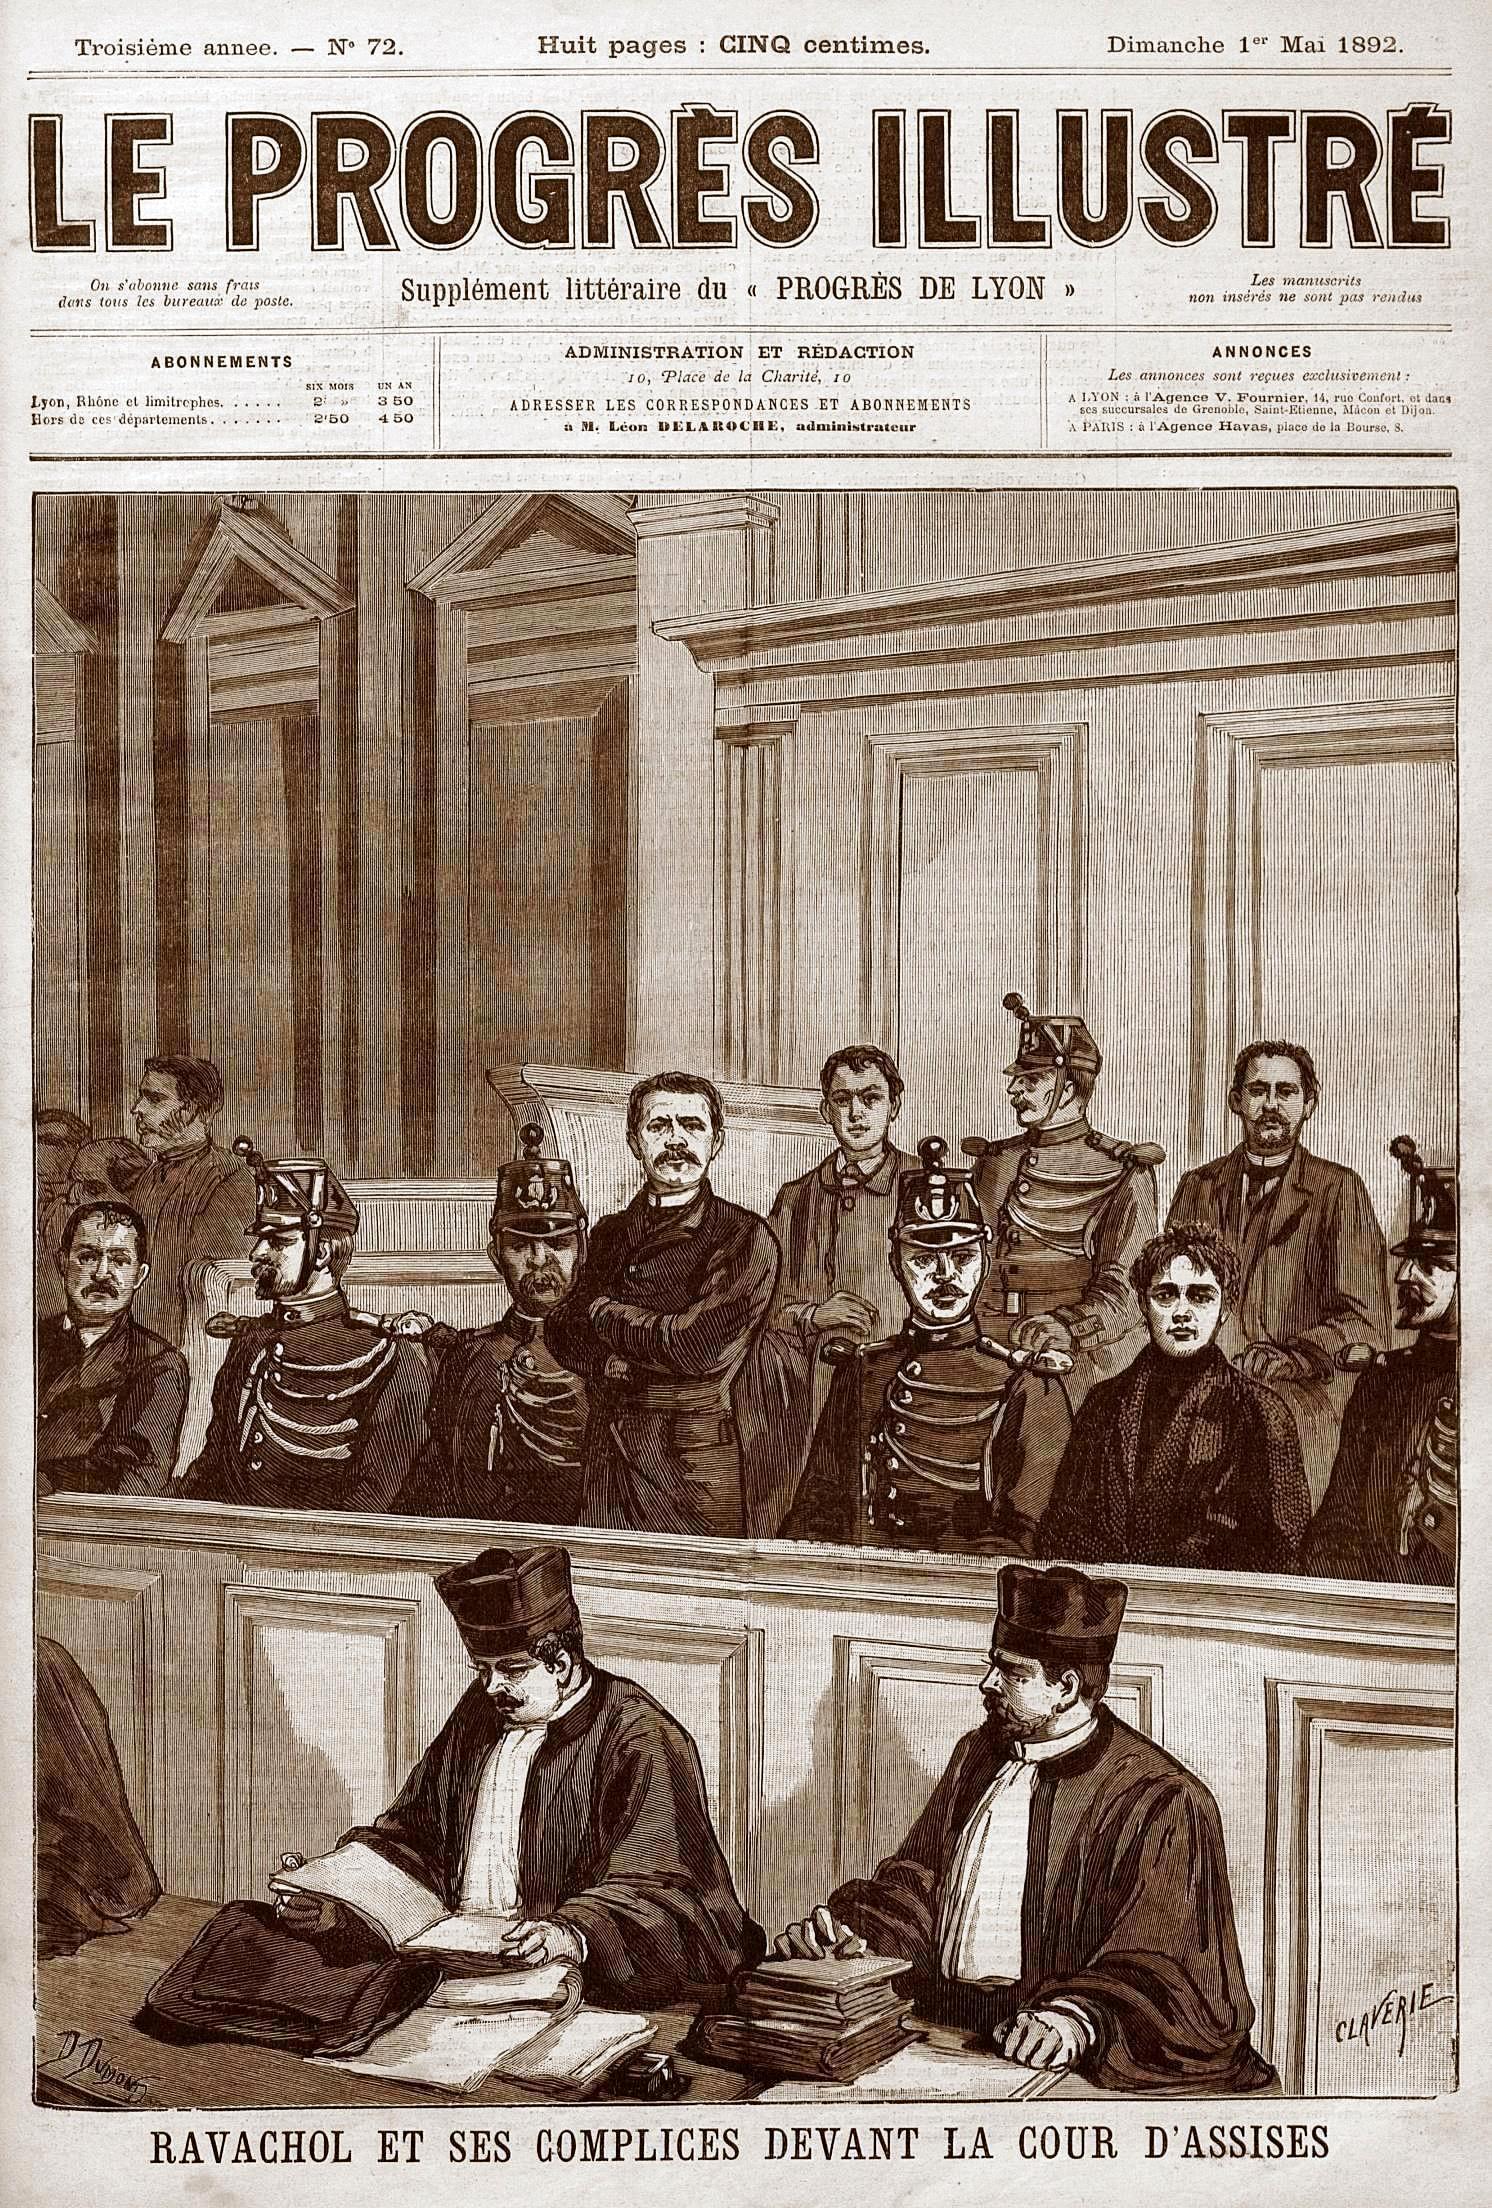 """Ravachol i els seus còmplices davant l'Audiència segons el periòdic parisenc """"Le Progrès Illustré"""" de l'1 de maig de 1892"""